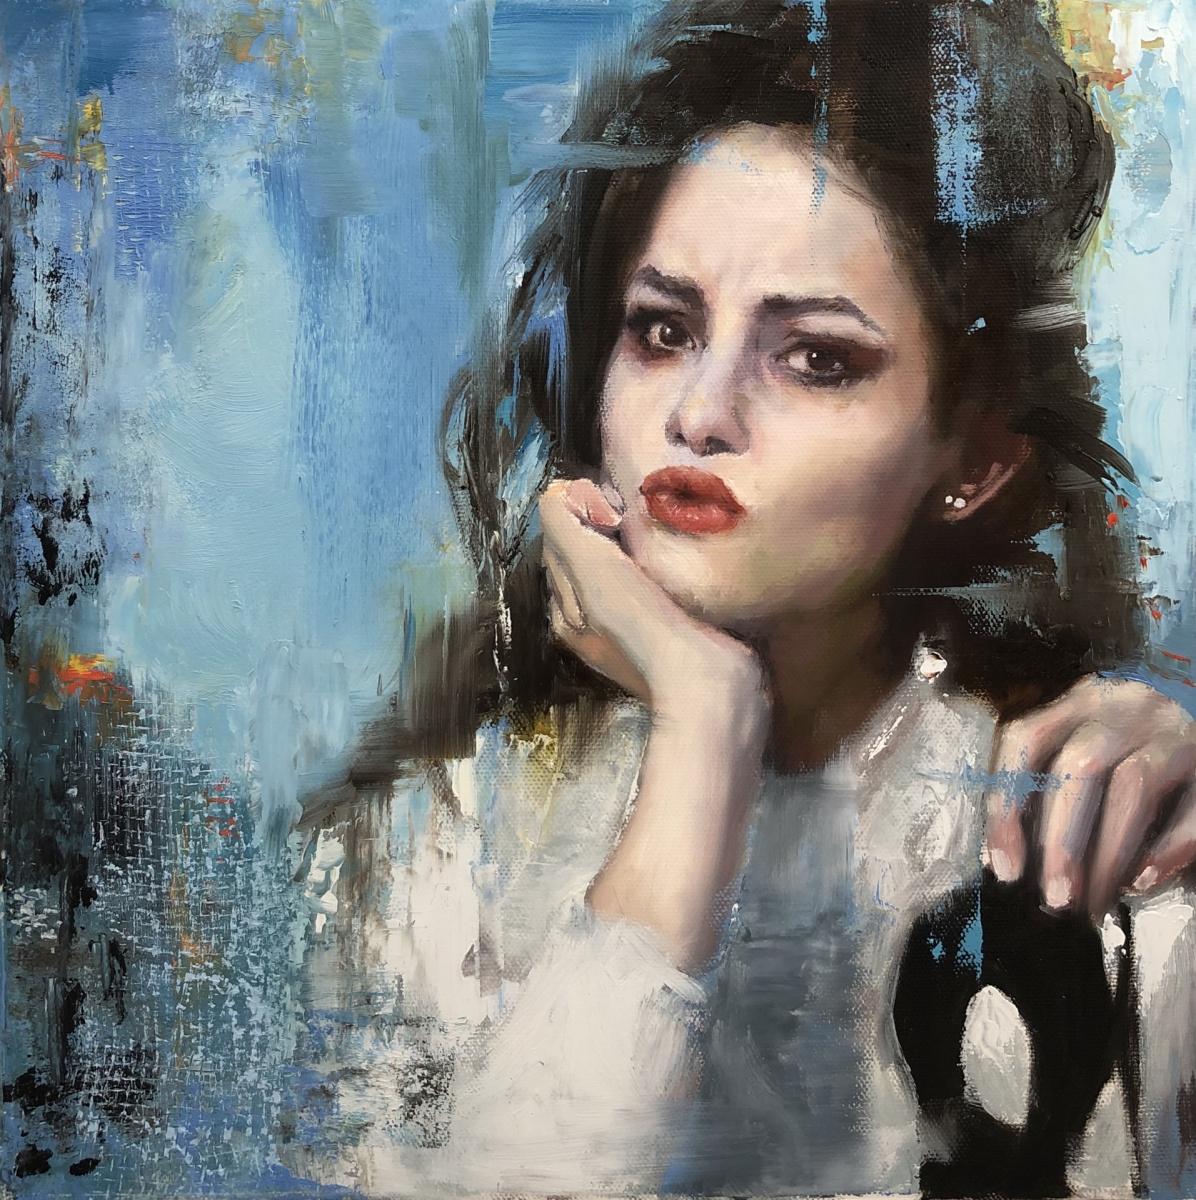 Lackman-Kate-Masks-Oil-on-canvas-12-x-12